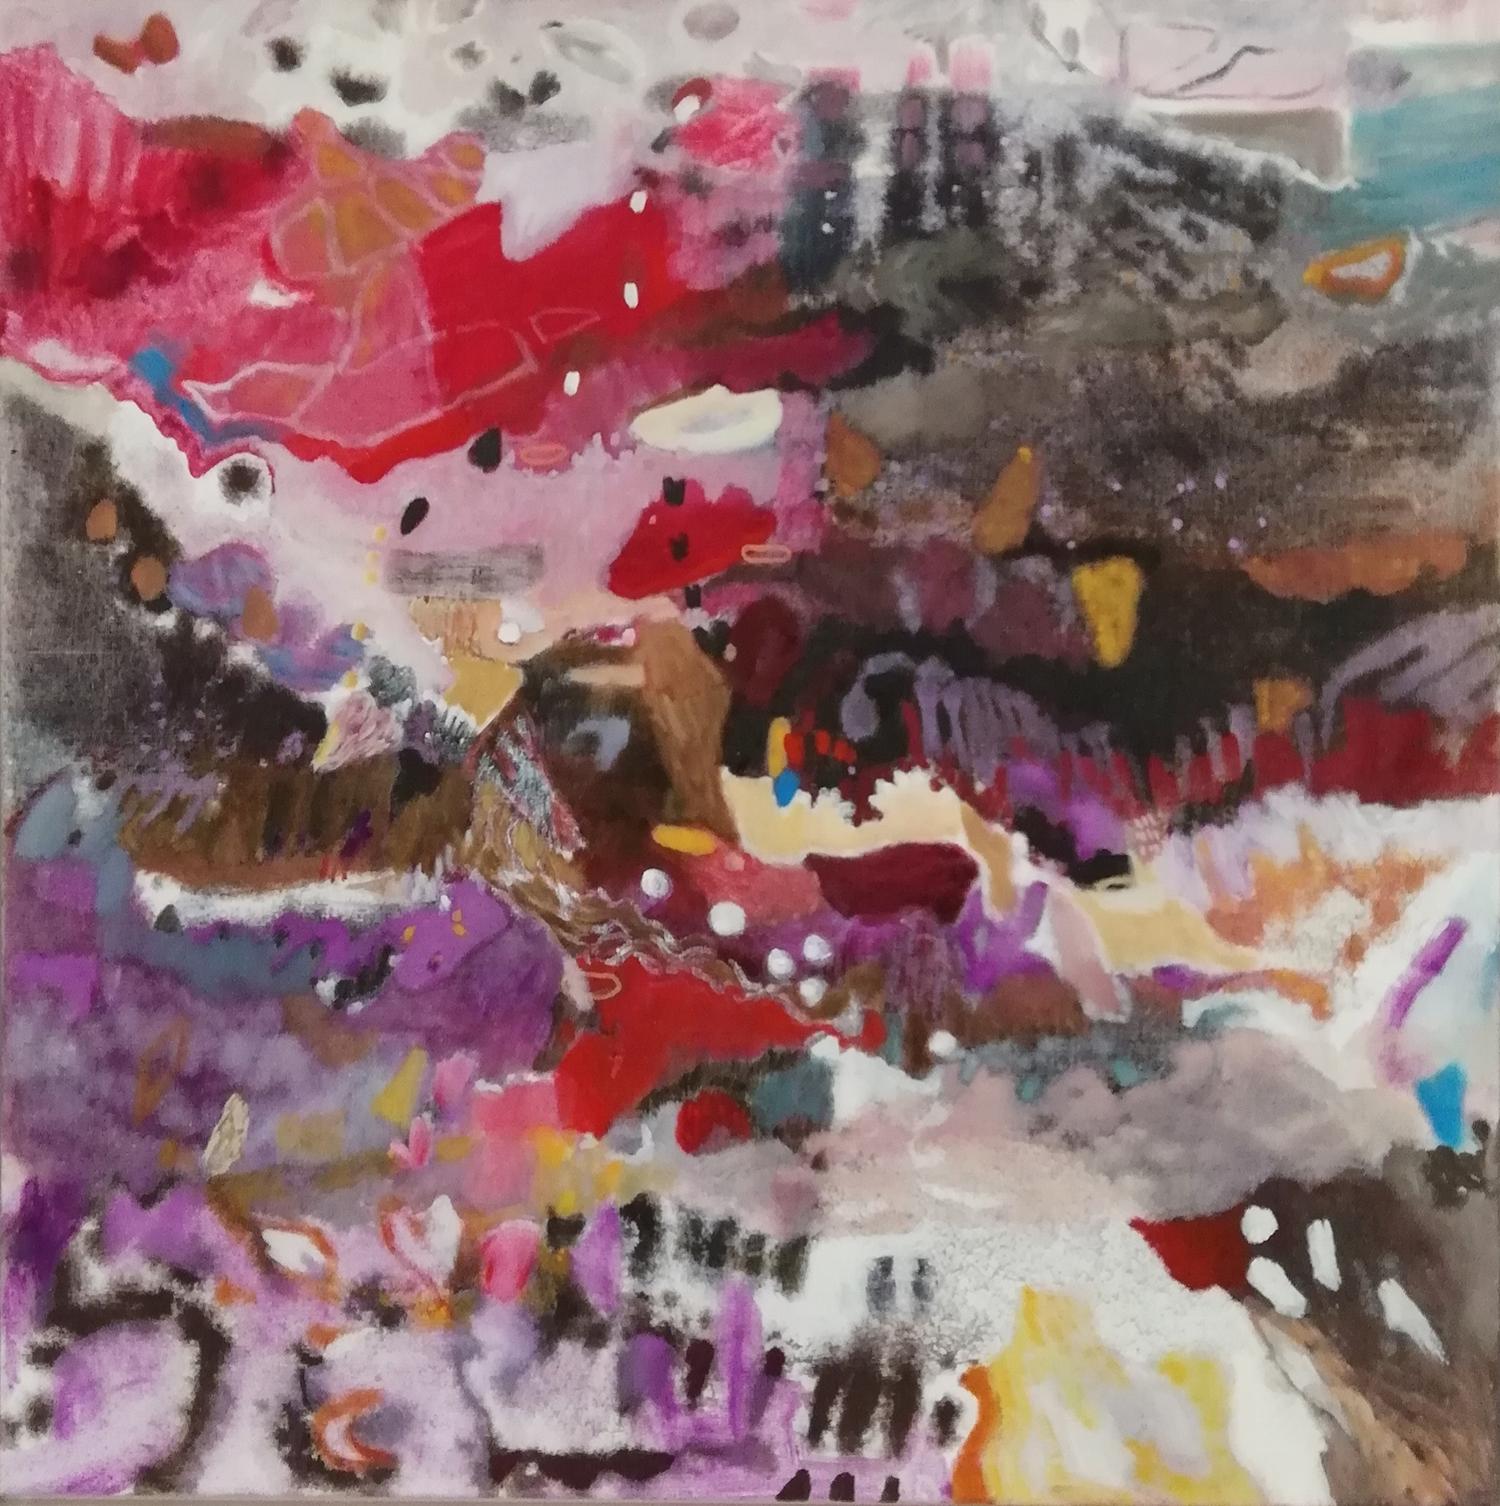 Schilderij in olieverf met de titel 'Cranberrywalk' door Ilse Brul